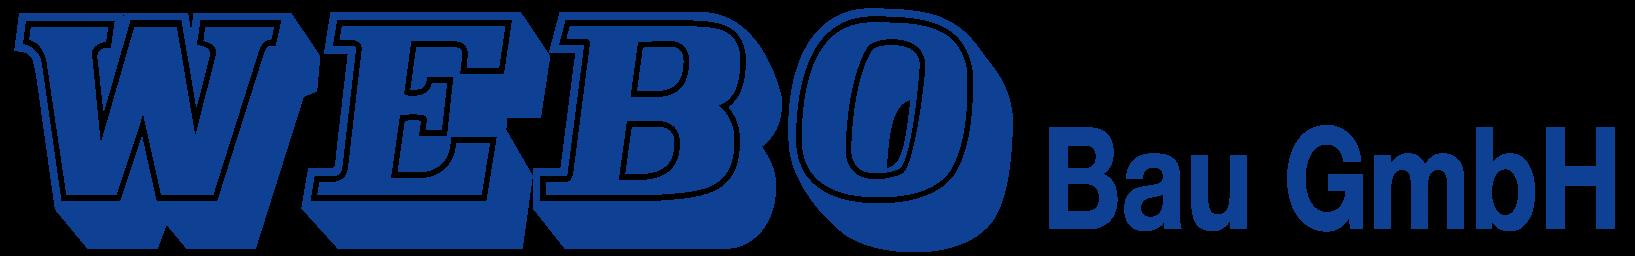 WEBO-Bau GmbH